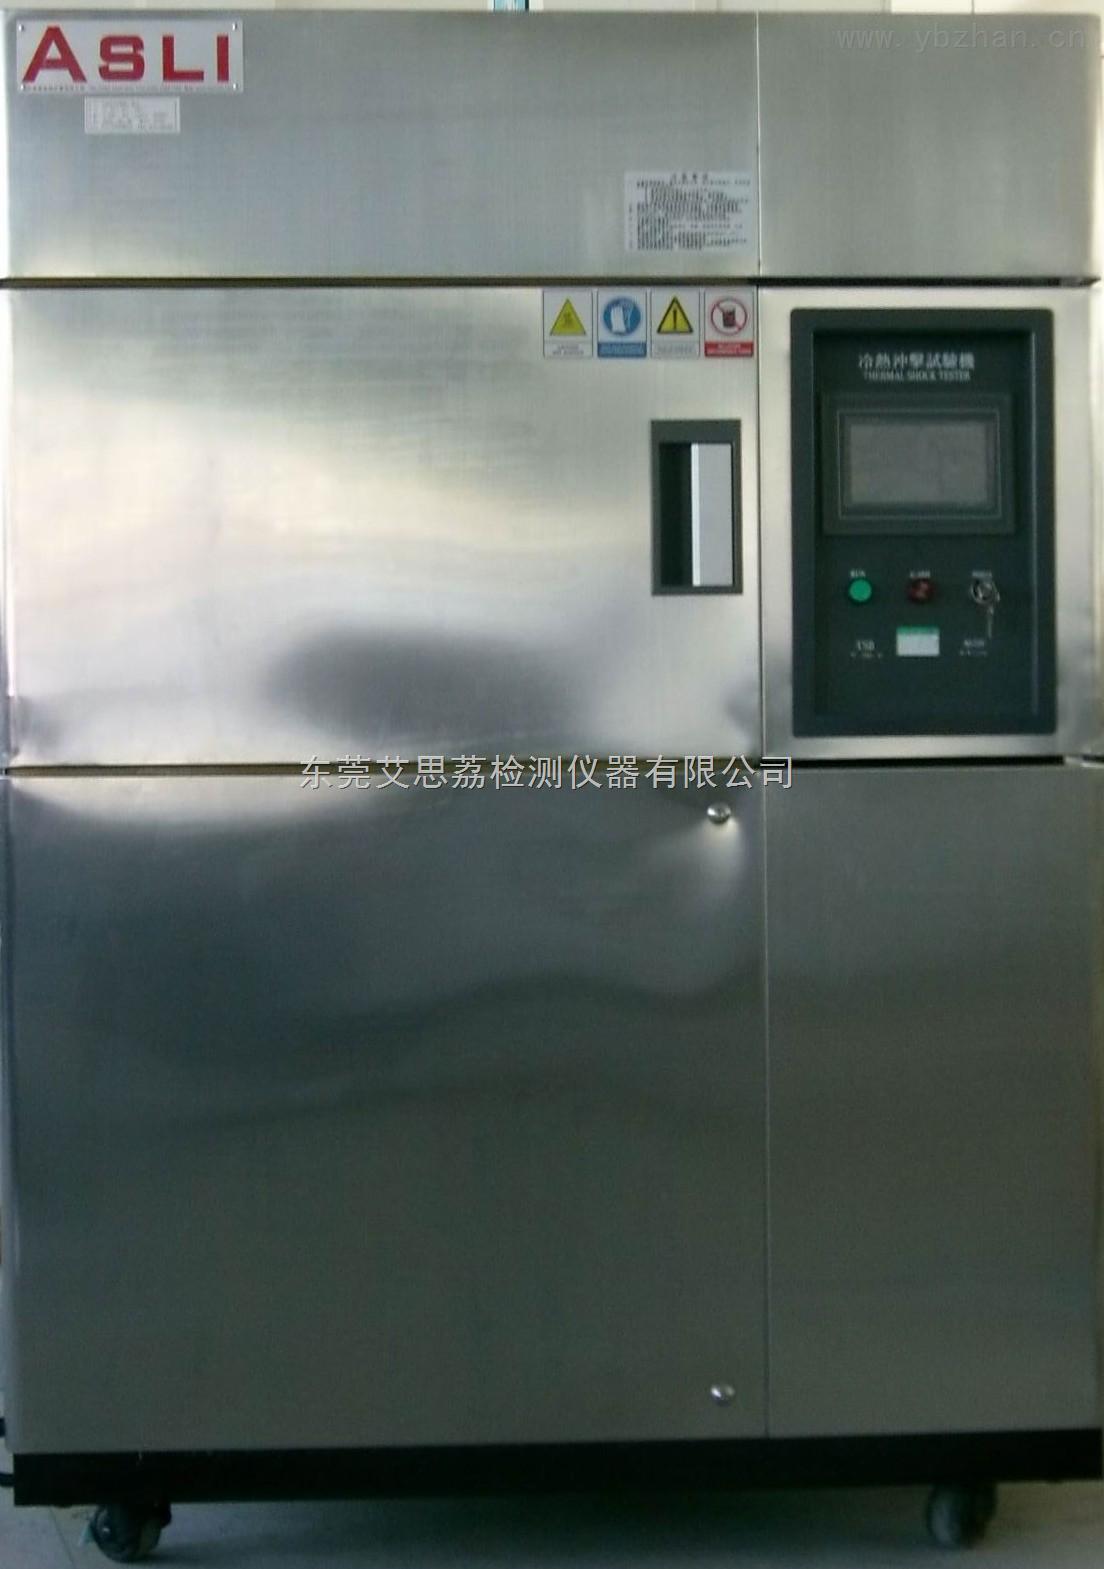 安徽湿热盐雾试验装置校准规程 试验报告 维护